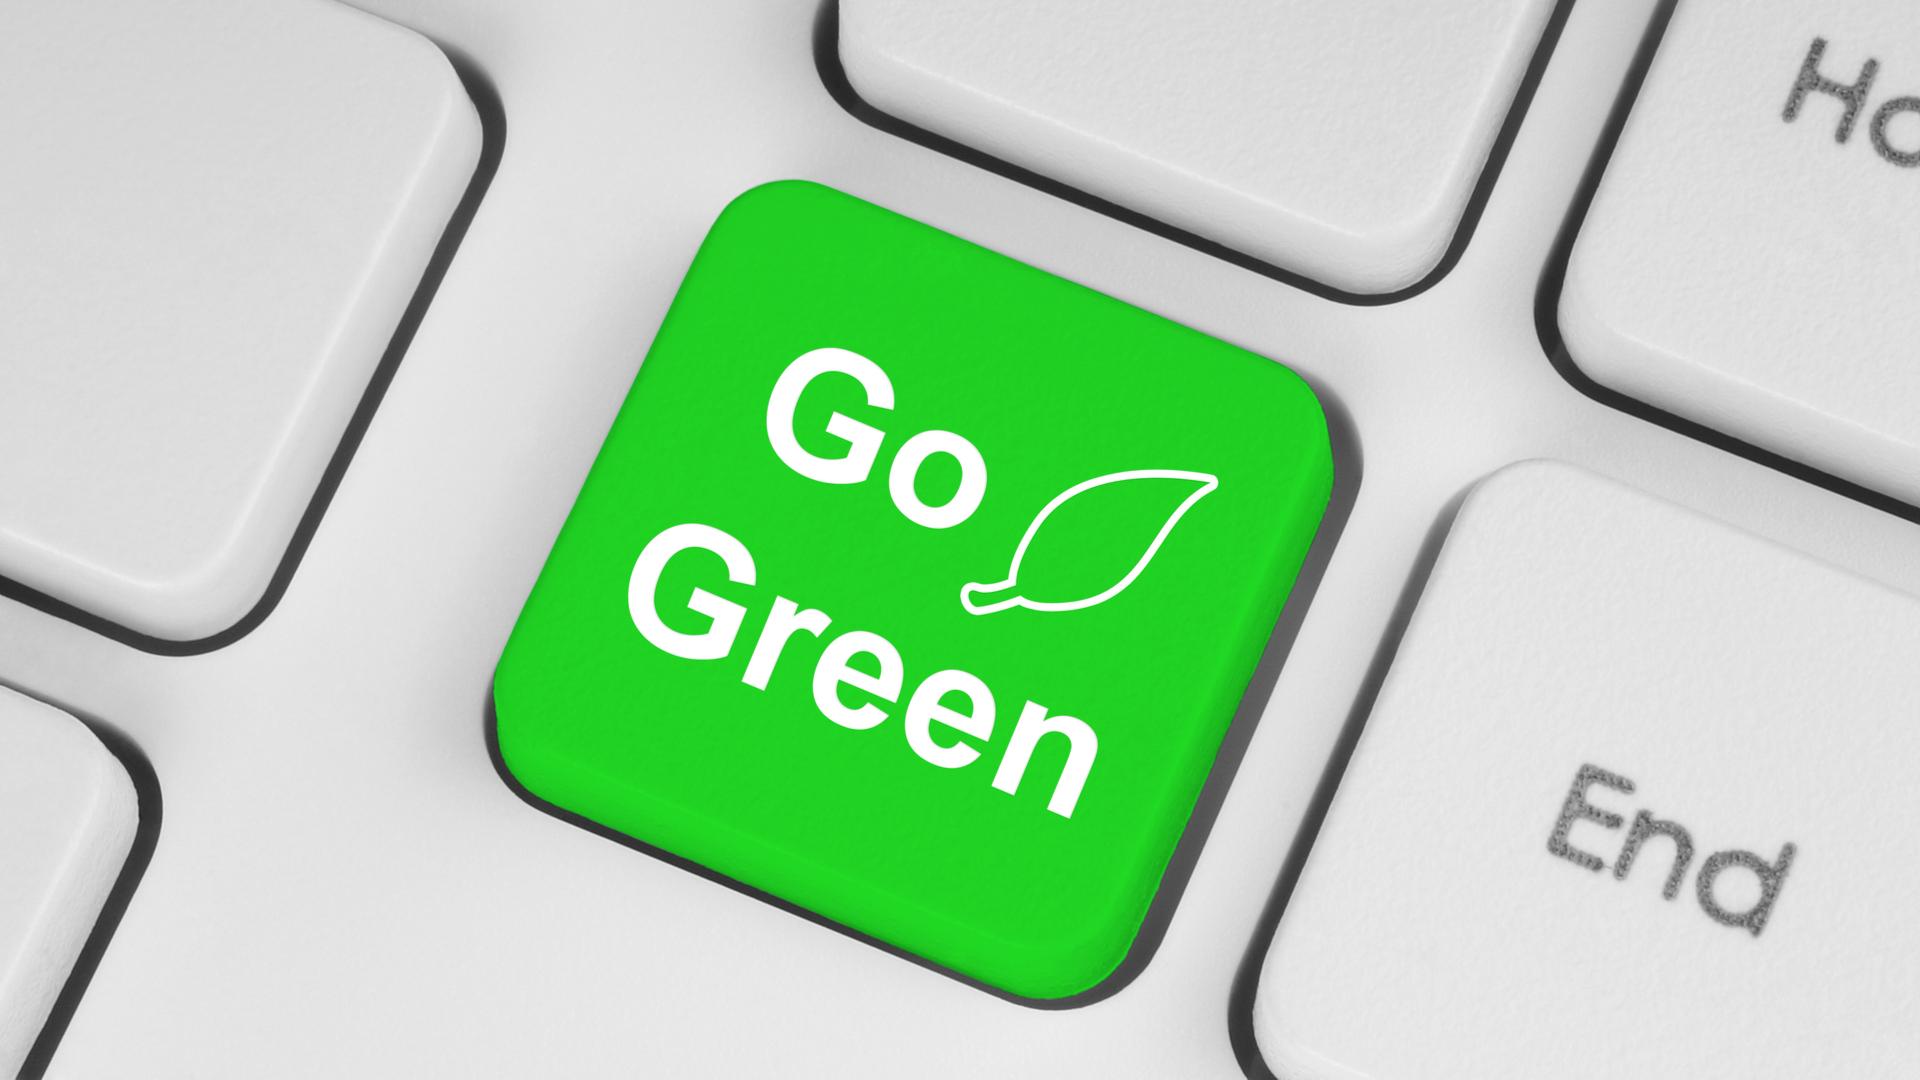 Com saber si un producte és sostenible?